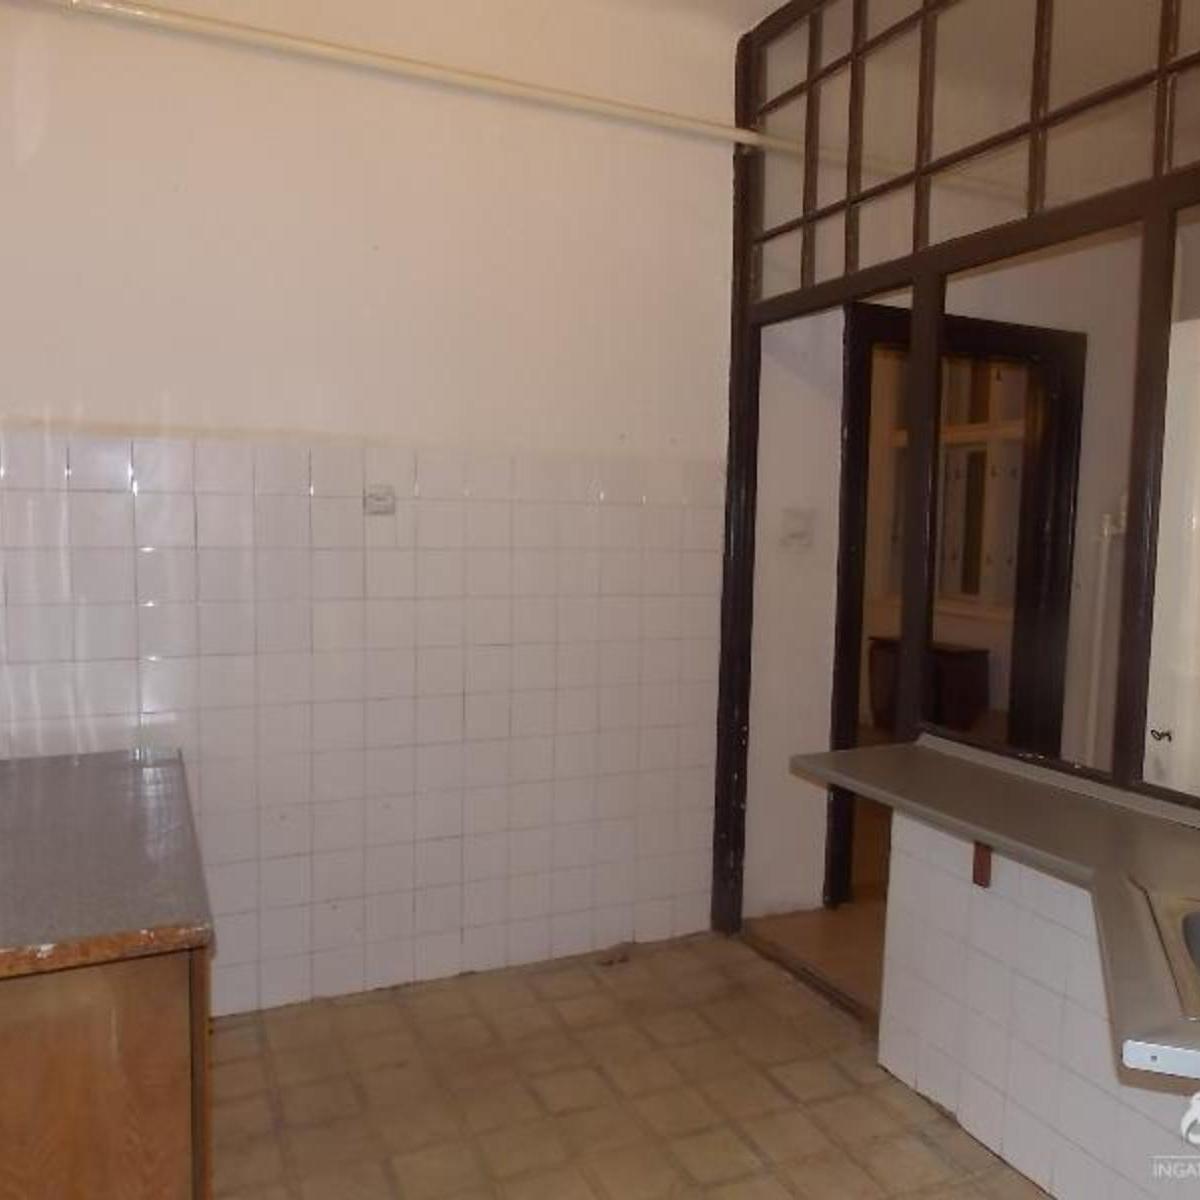 Eladó  sorház (Budapest, IV. kerületBudapest, IV. kerület, Illek Vince u.) 12,5 M  Ft